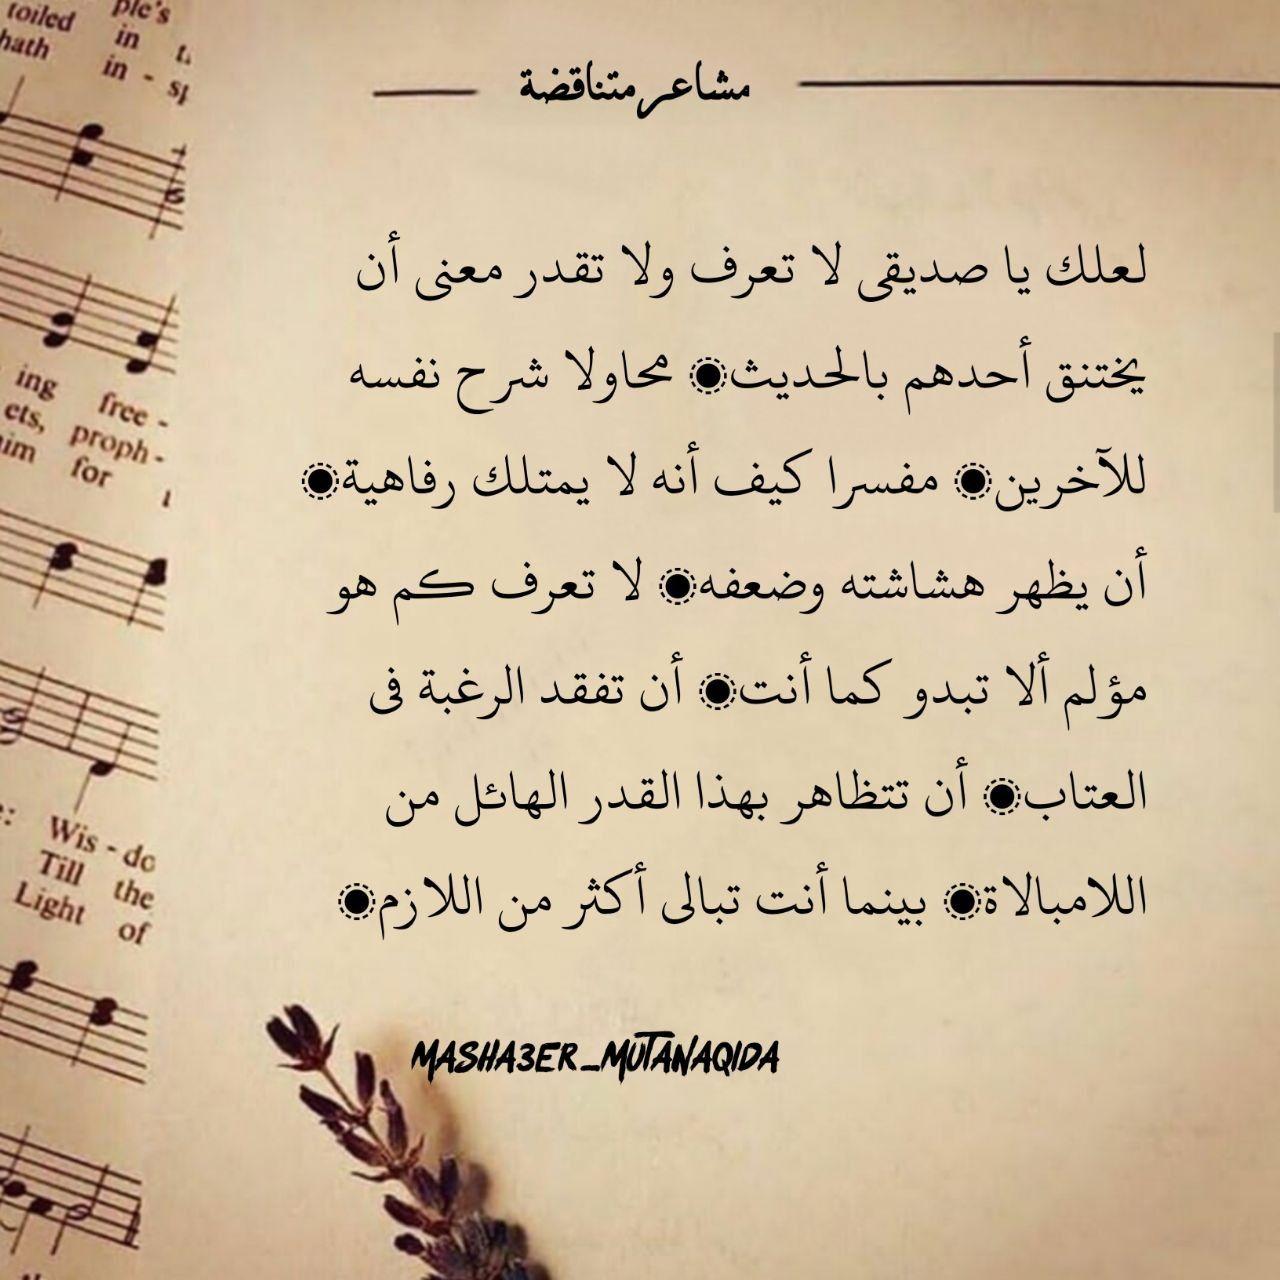 بينما أنت تبالي أكثر من اللازم Calligraphy Arabic Calligraphy